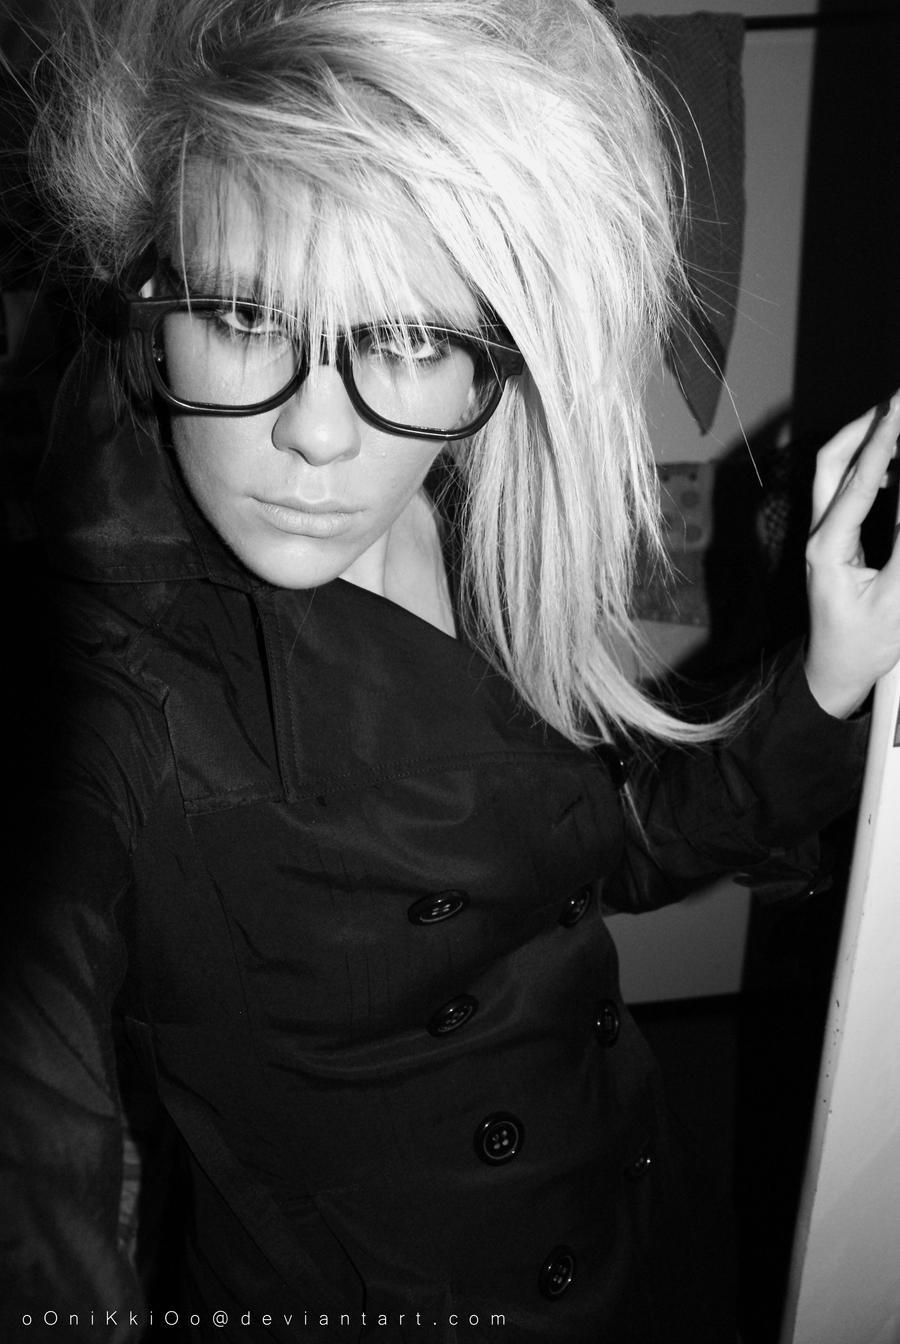 http://fc00.deviantart.net/fs70/i/2009/350/b/b/Sexy_Glasses_I_by_oOniKkiOo.jpg